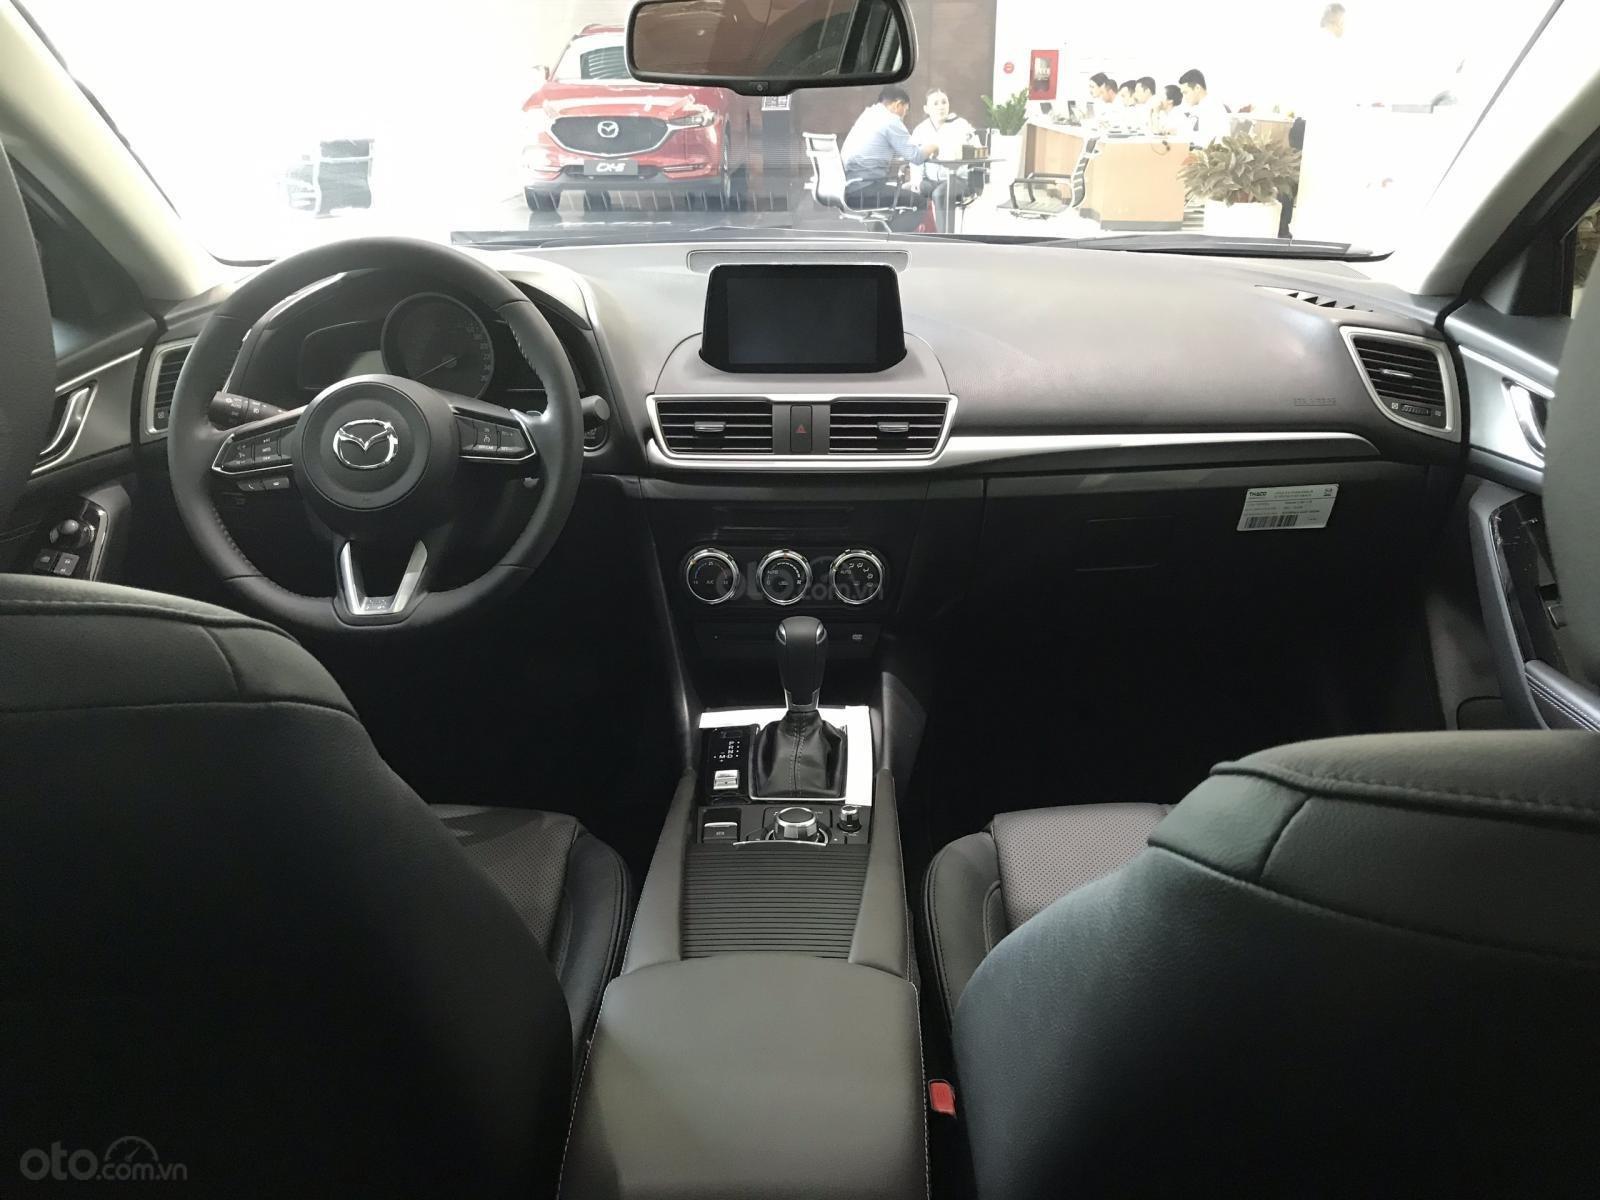 Mazda 3 1.5, màu xám lông chuột 46G, có xe giao ngay tại Mazda Bình Triệu-3